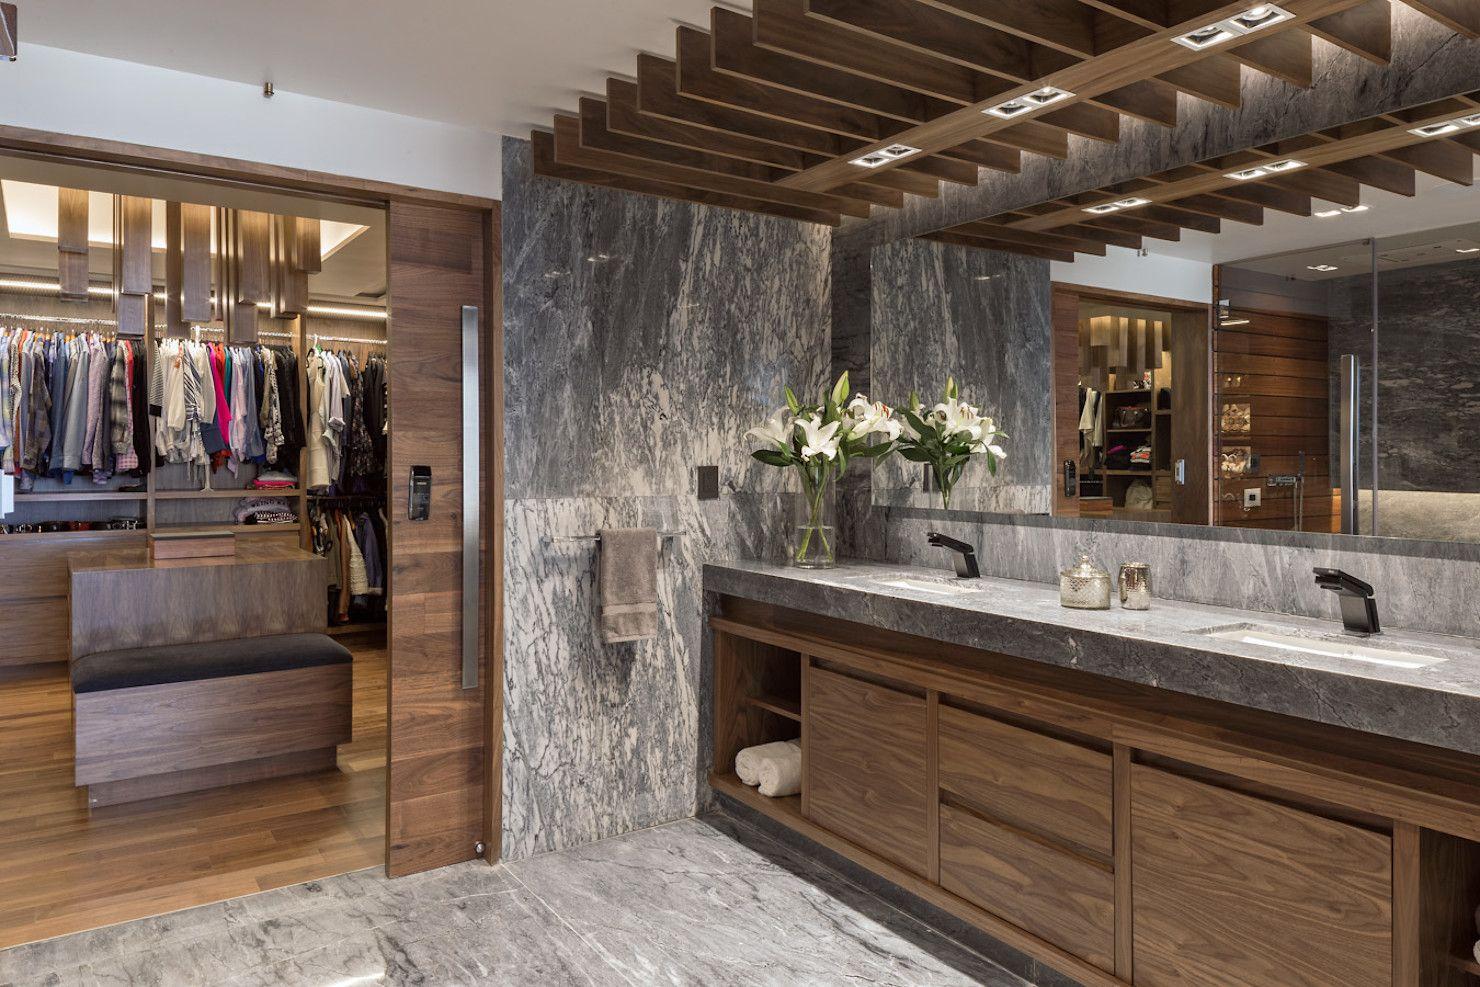 Pisos De Mármol Ventajas Y Desventajas Homify En 2021 Interiores Habitación Principal Moderna Piso Marmol